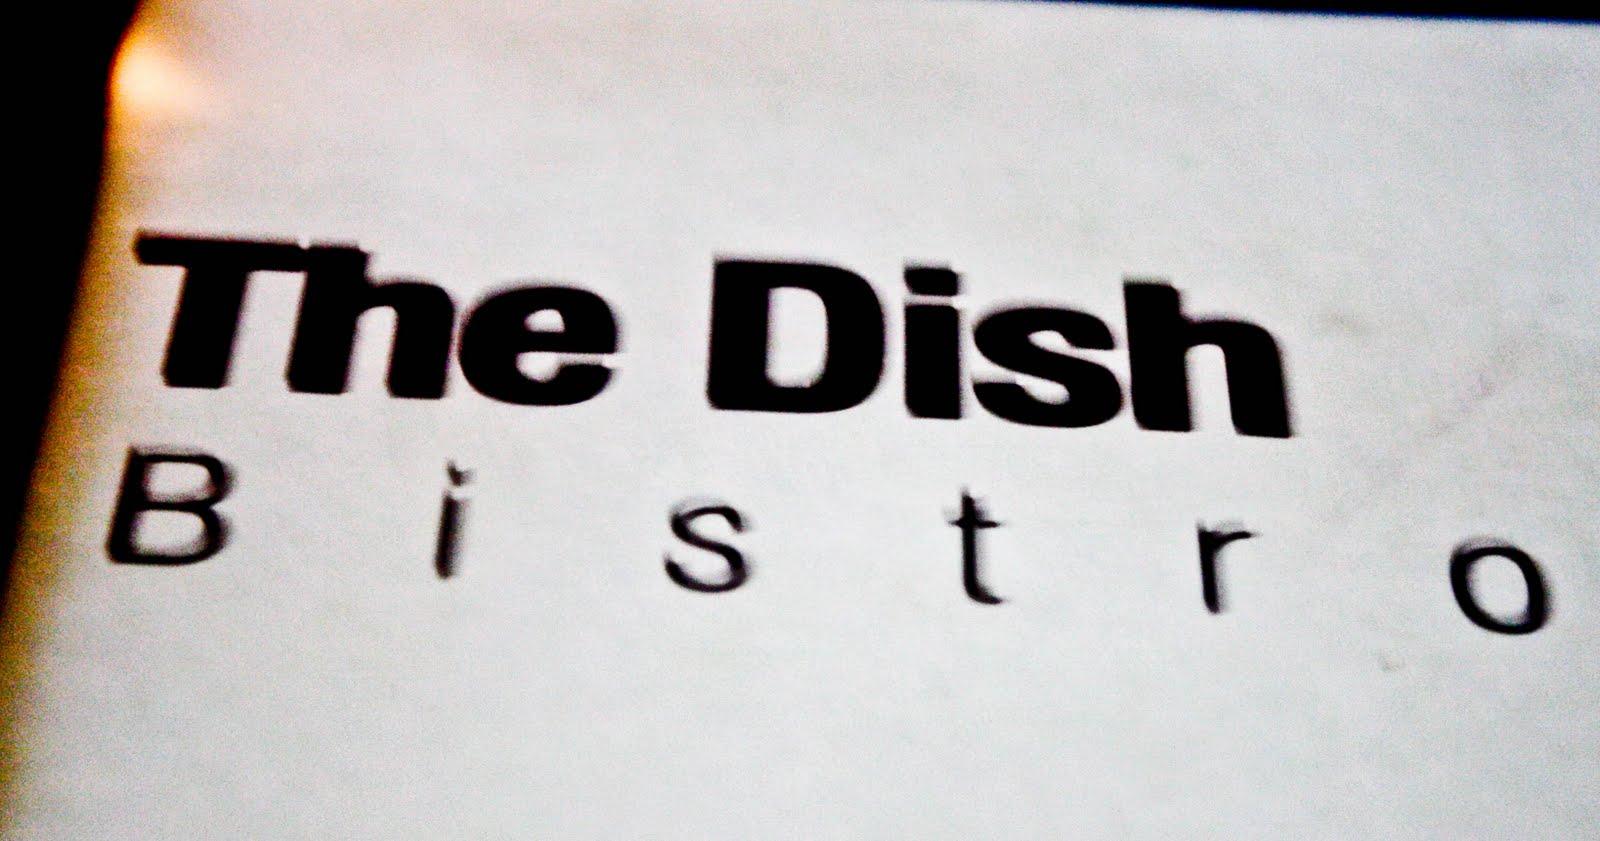 The%2Bdish%2Band%2Brunaway%2Bspoon%2Bsept%2B2010 5 The Dish & The Runaway Spoon